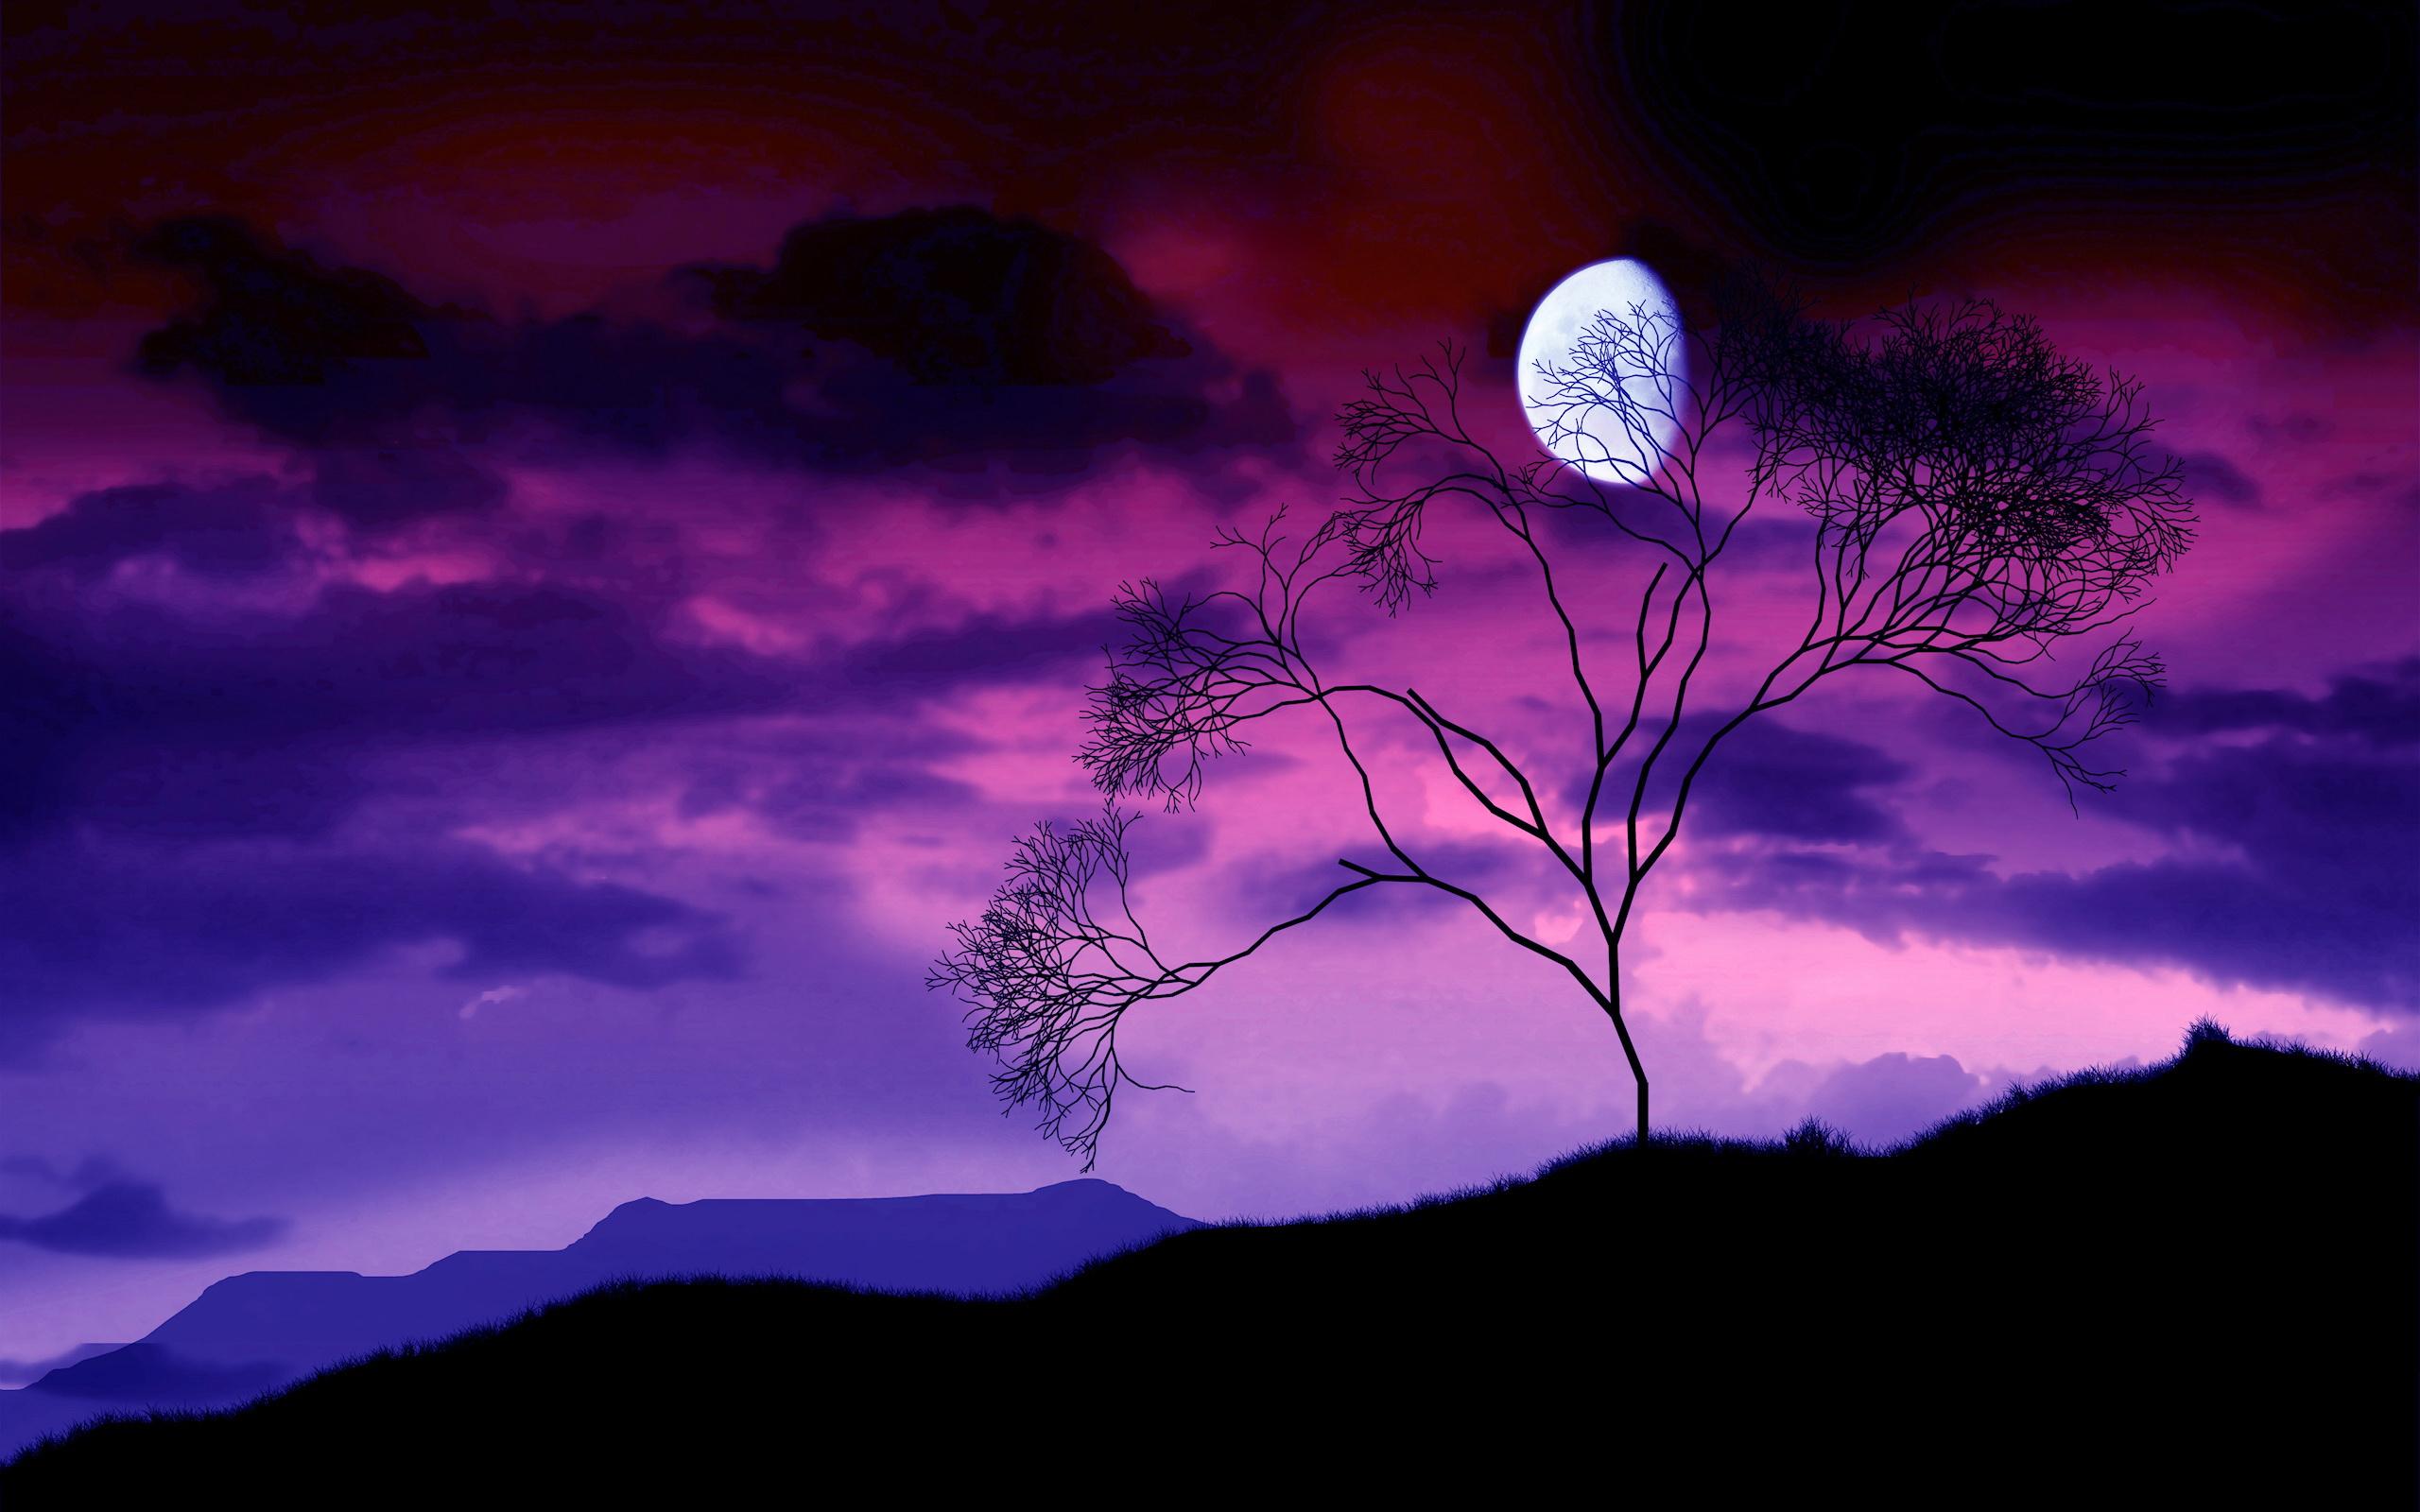 горы, дерево, небо